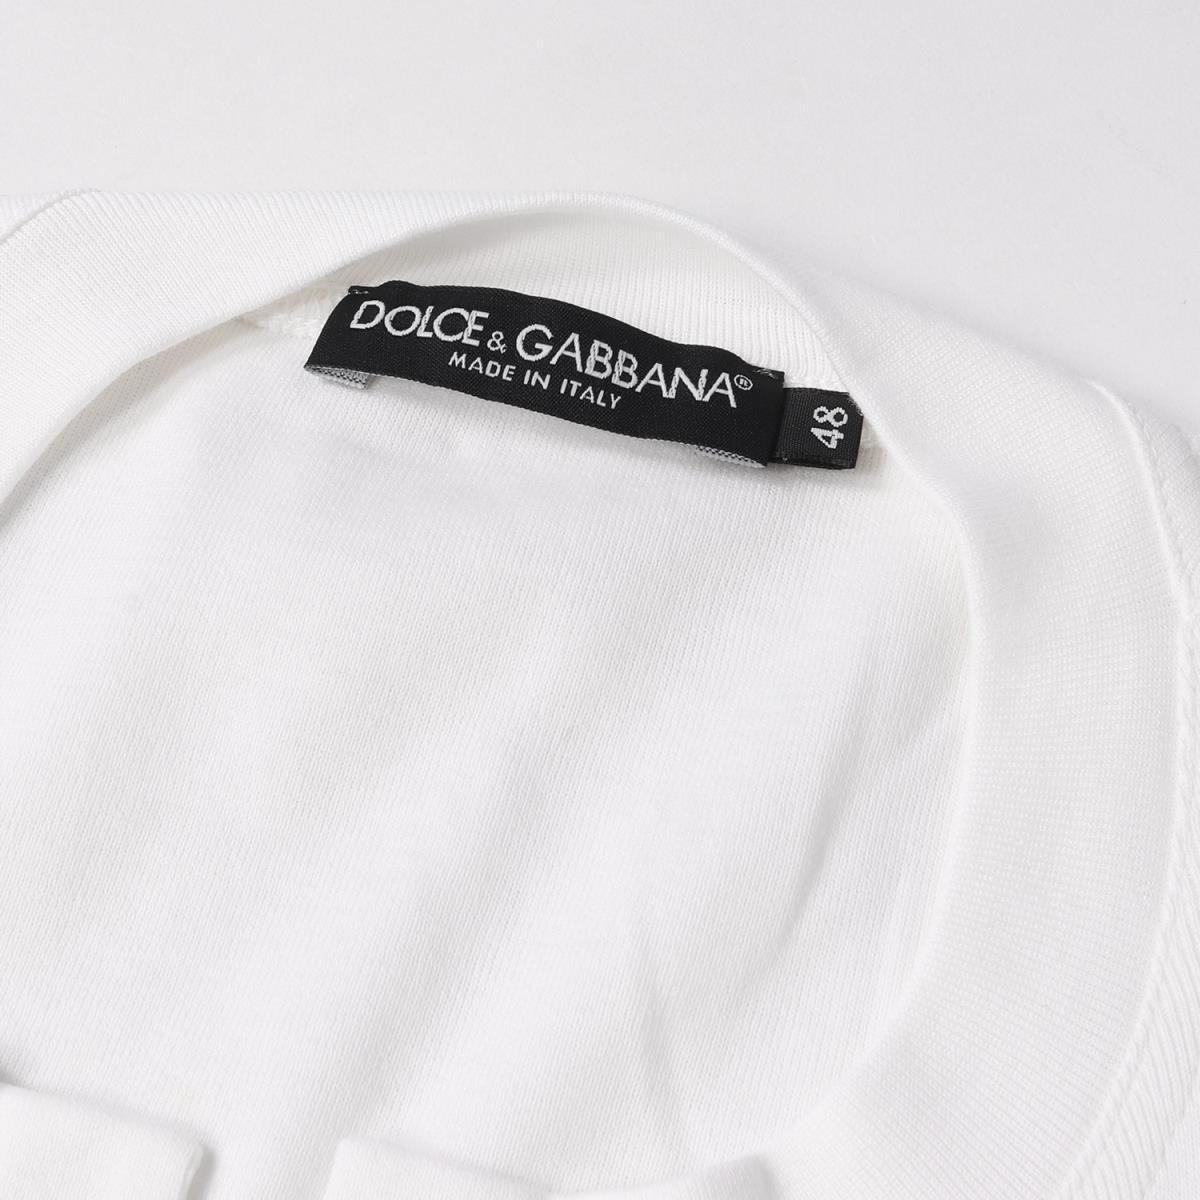 美品 DOLCE&GABBANA ドルチェ&ガッバーナ コットン キーネック Tシャツ ホワイト 48_画像3